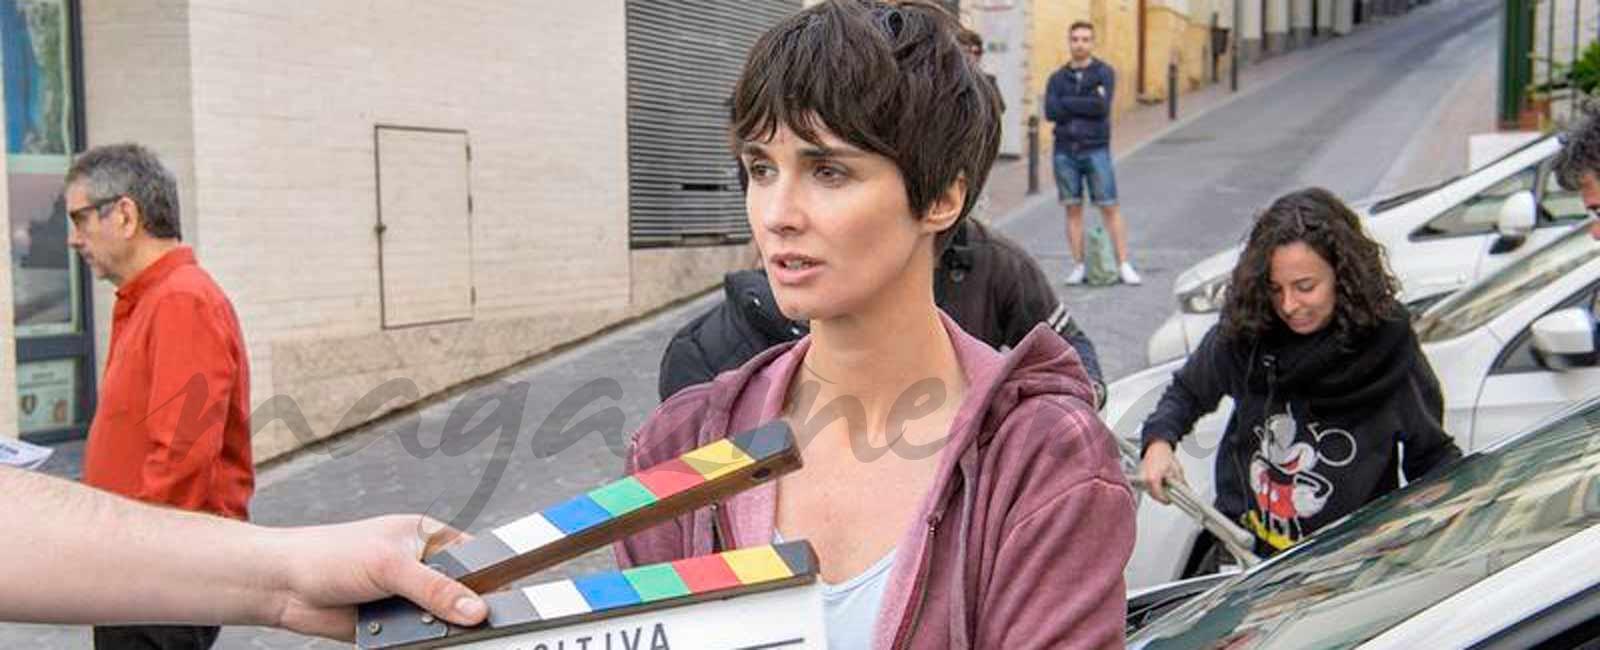 Paz Vega - Fugitiva - © RTVE